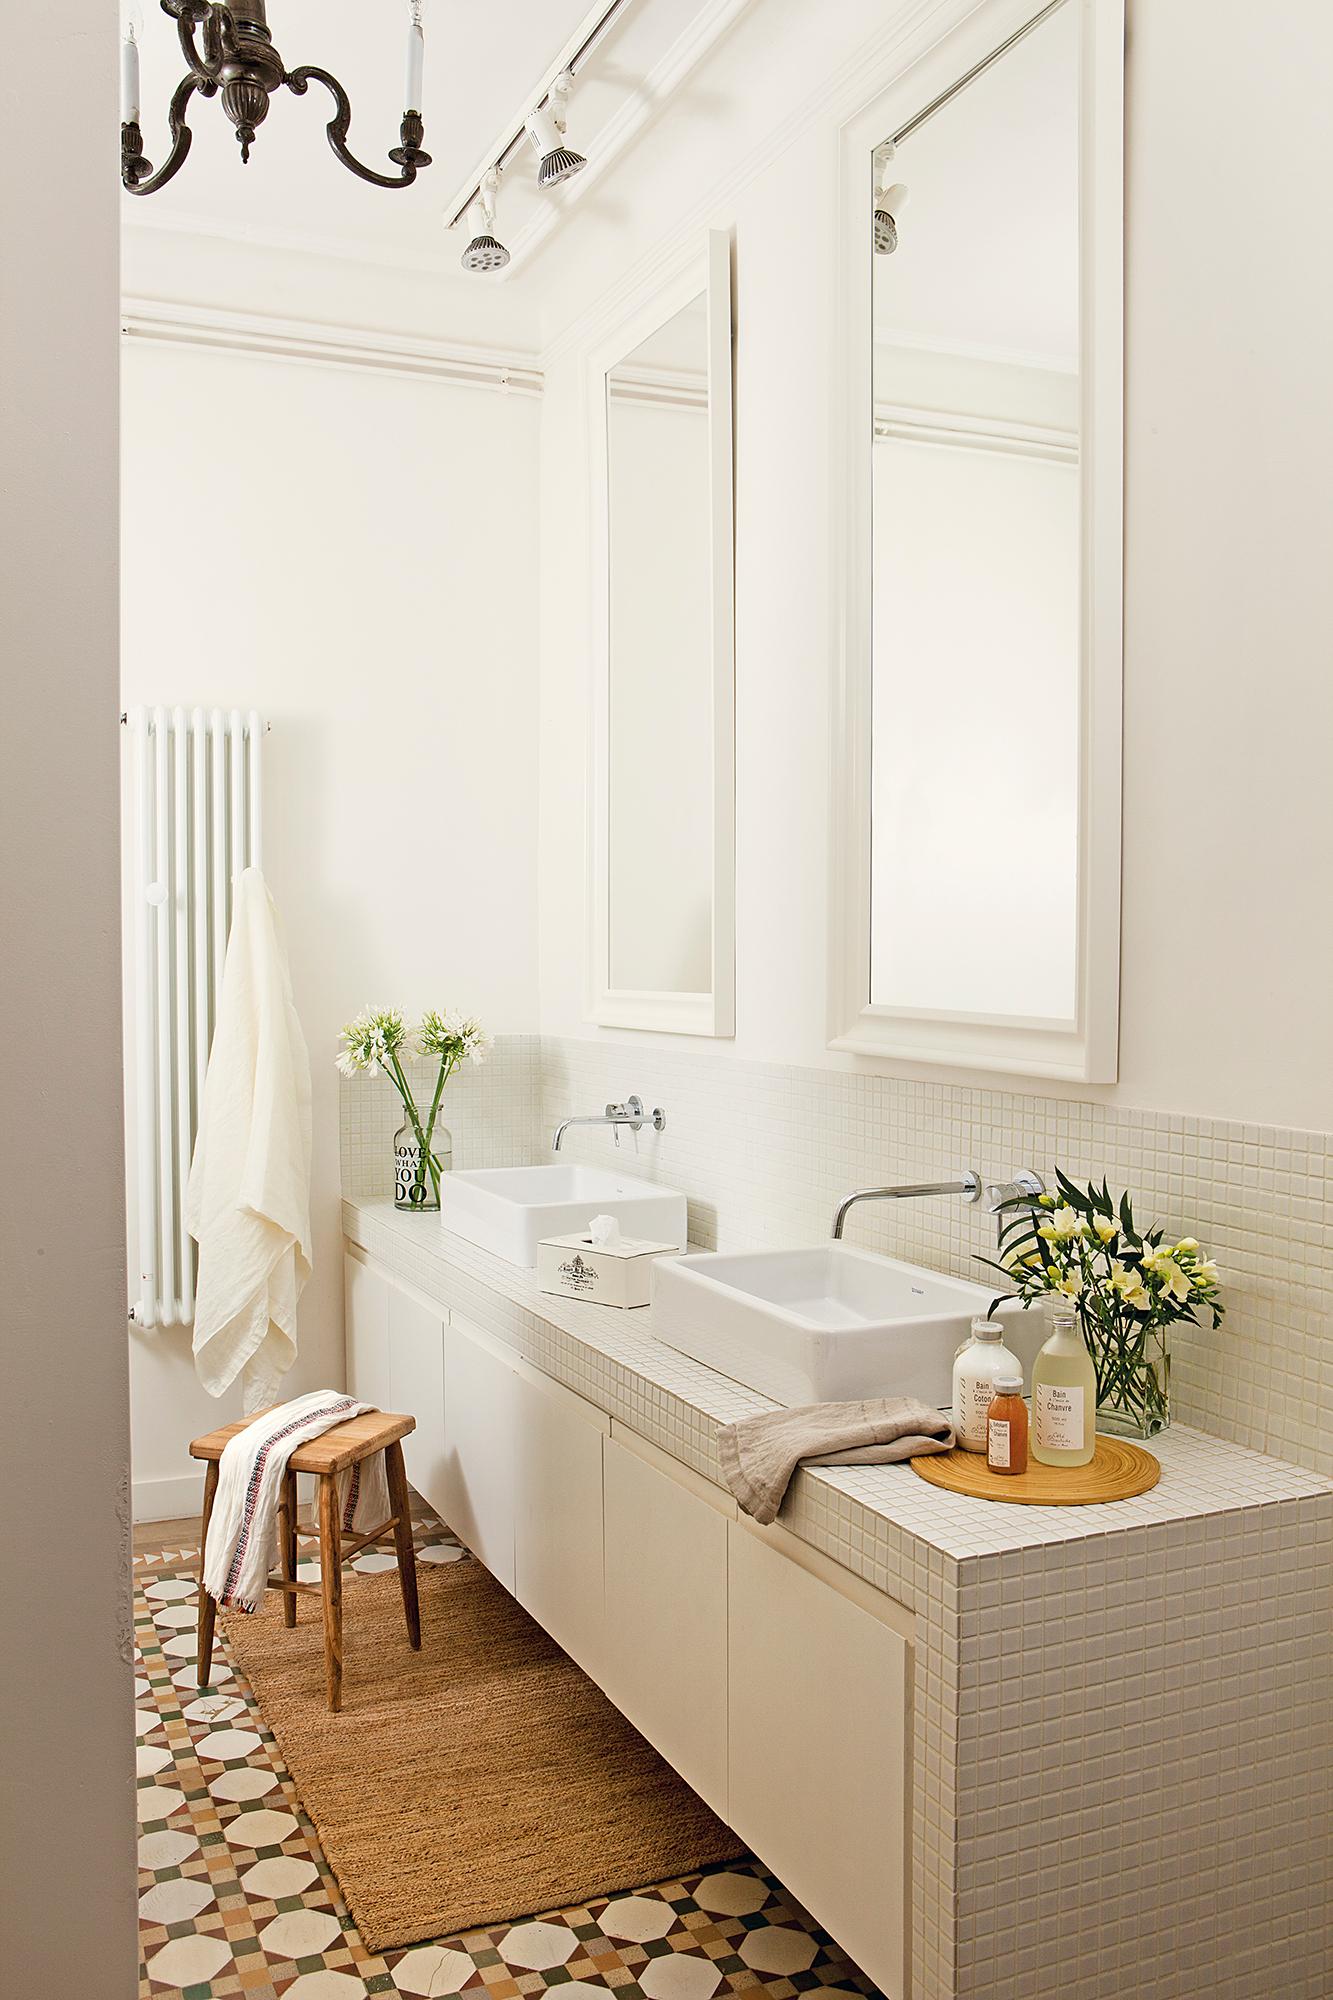 417 fotos de muebles de ba o - Muebles de bano con dos lavabos ...